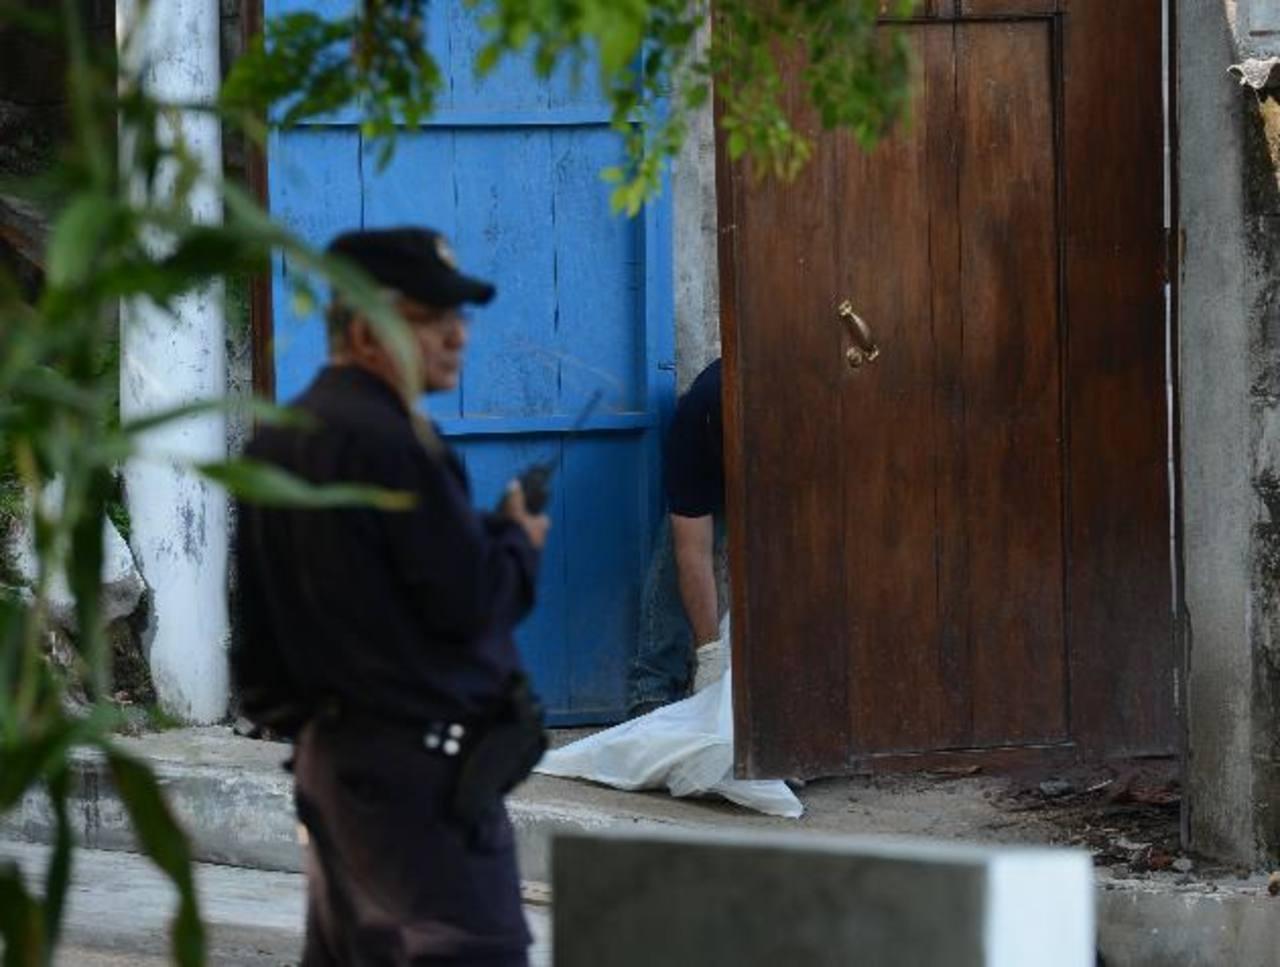 Un vendedor de huevos fue ultimado en su casa, en Ilopango. Fotos EDH / Douglas UrquillaLas autoridades reportaron ayer unos 10 homicidios en diferentes zonas de Usulután y San Miguel. Foto EDH / Archivo